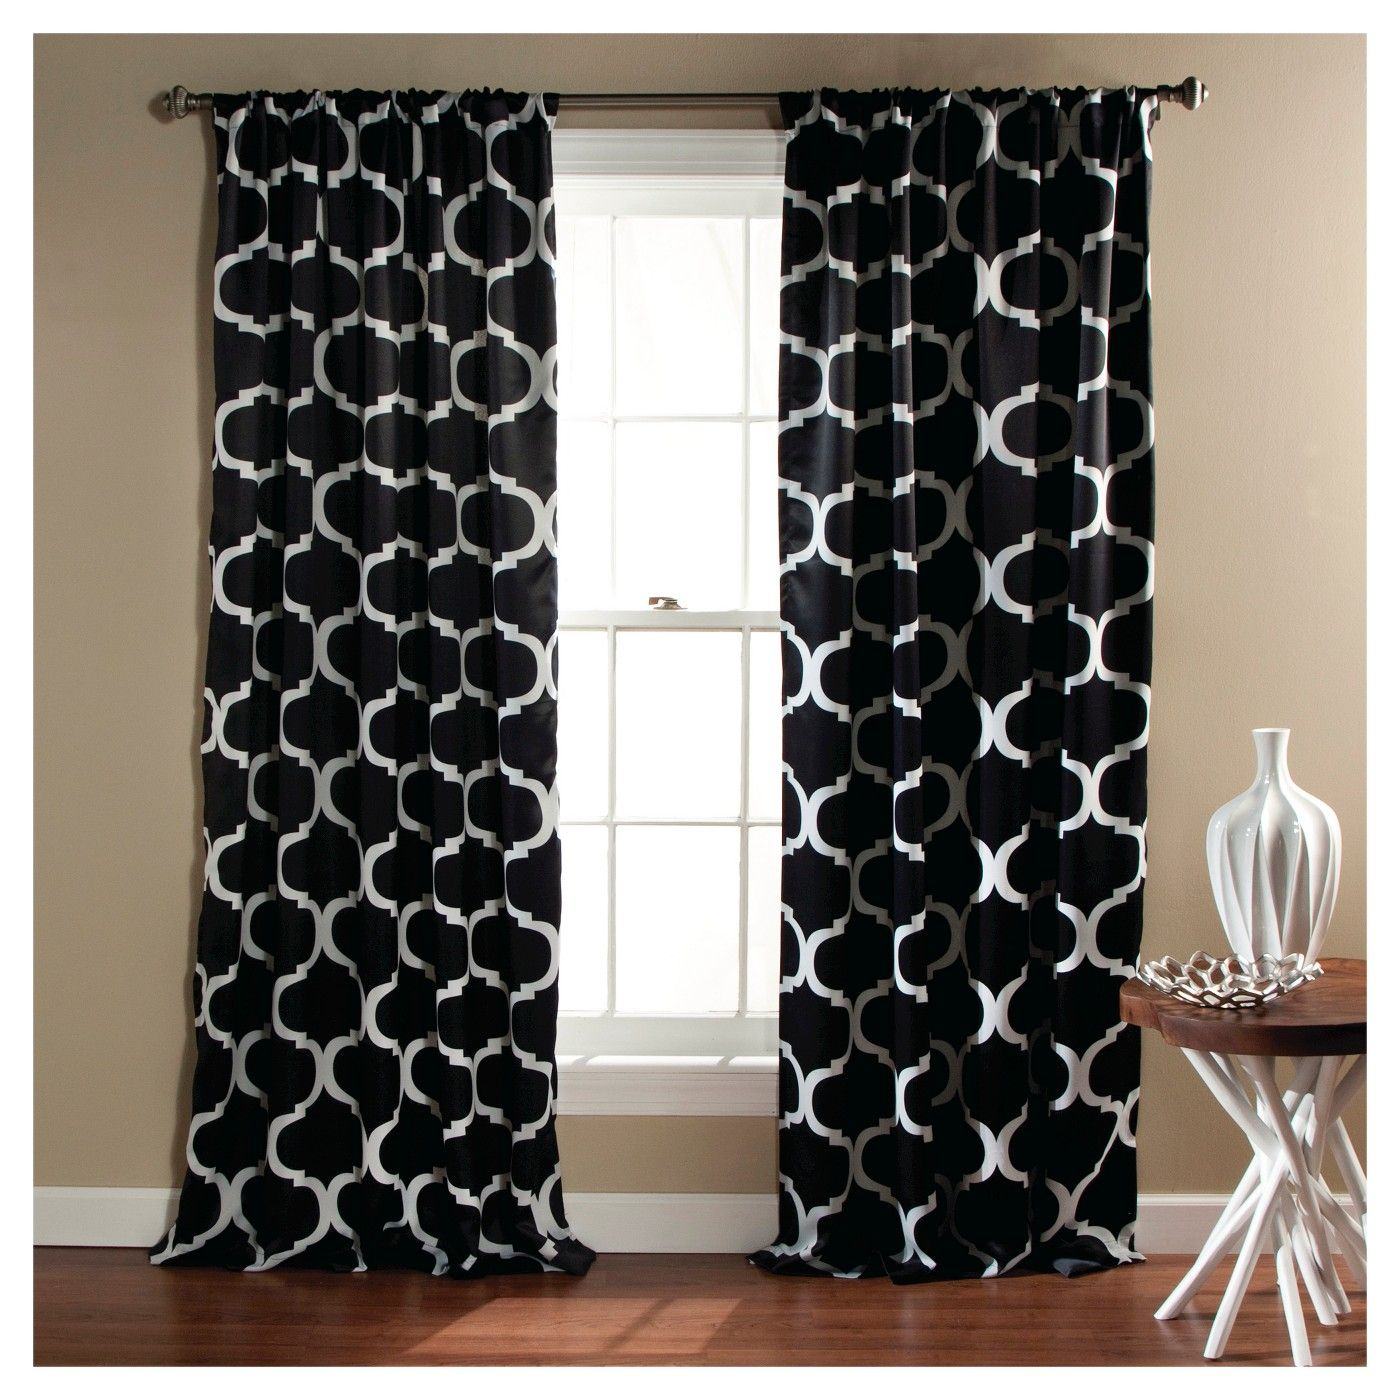 Geo Blackout Curtain Panels Set Of 2  Image 1